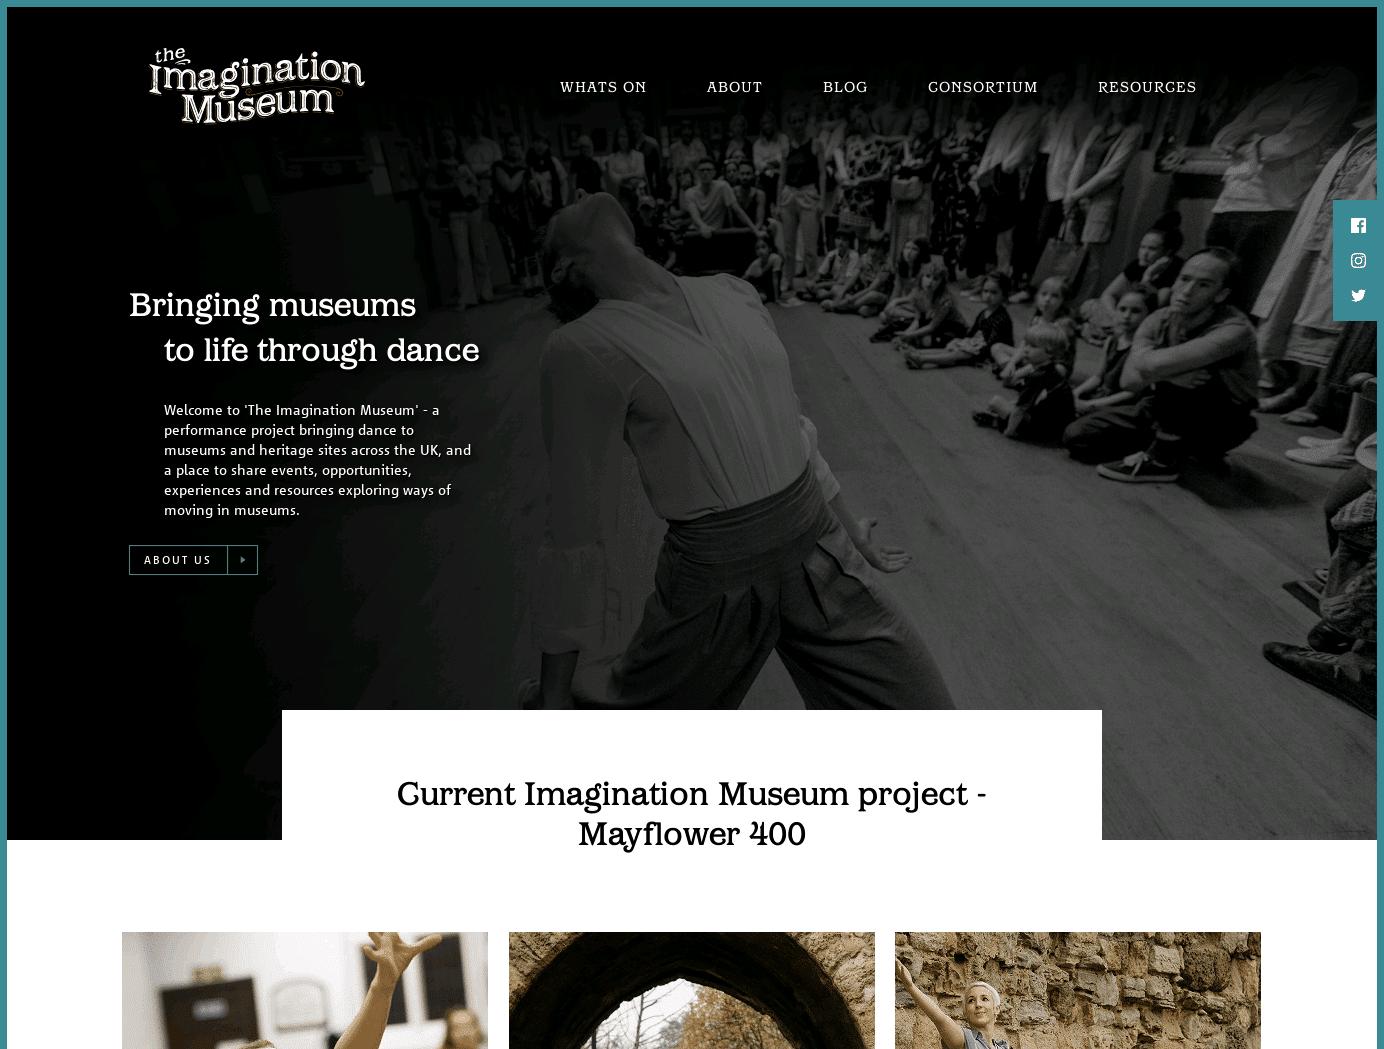 The Imagination Museum